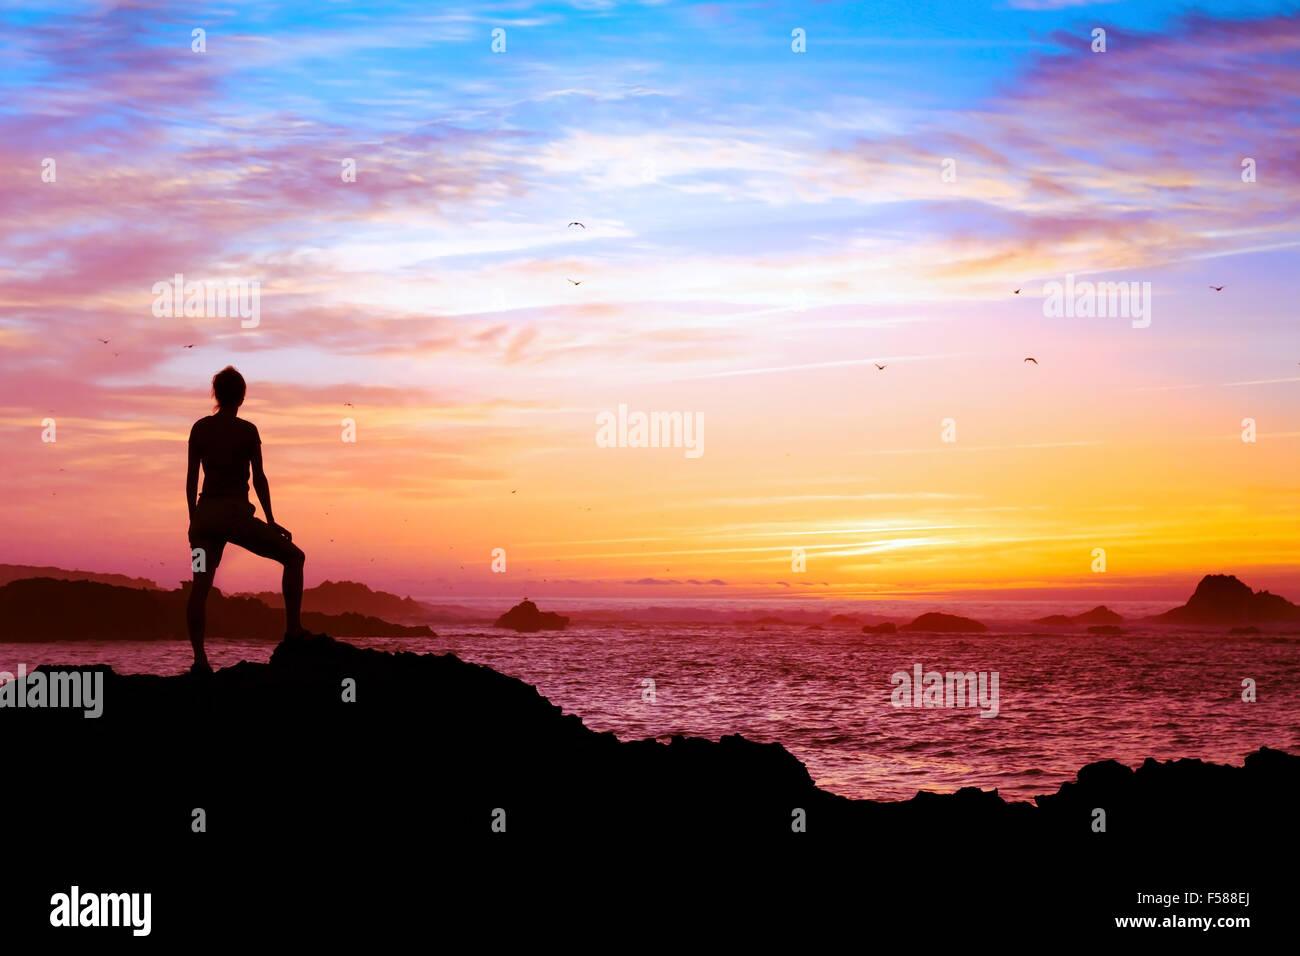 Concept de bien-être, silhouette de personne bénéficiant de beau coucher de soleil avec vue sur l'océan Photo Stock